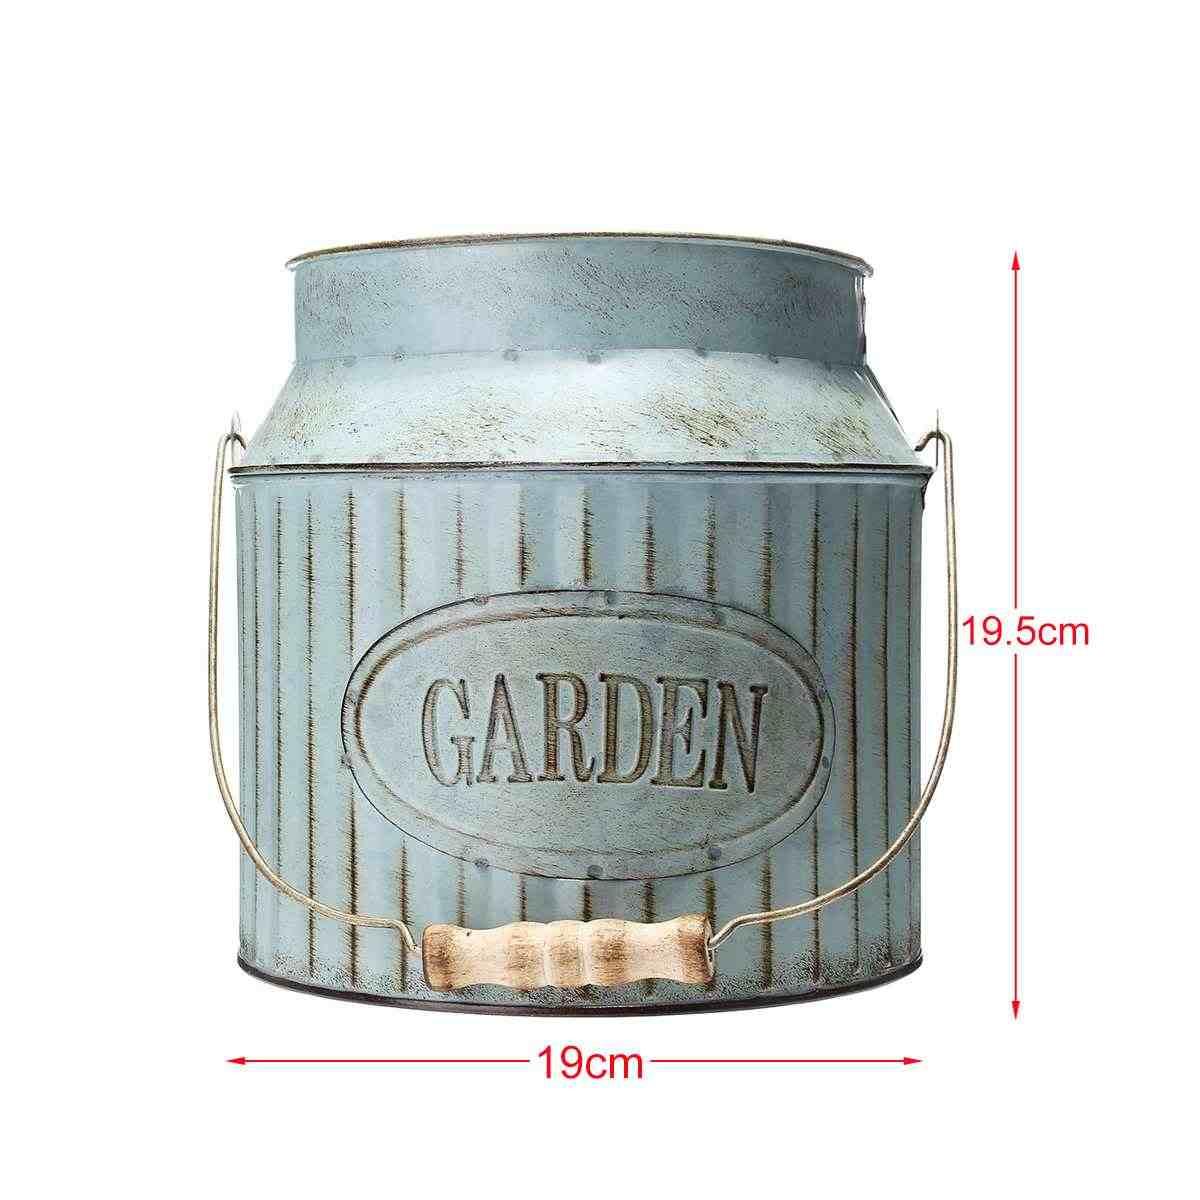 ヴィンテージ農村スタイル鉄ハンドルフラワーガーデンみすぼらしい花瓶ポット多肉植物植物バケツプランター装飾植木鉢テーブル装飾